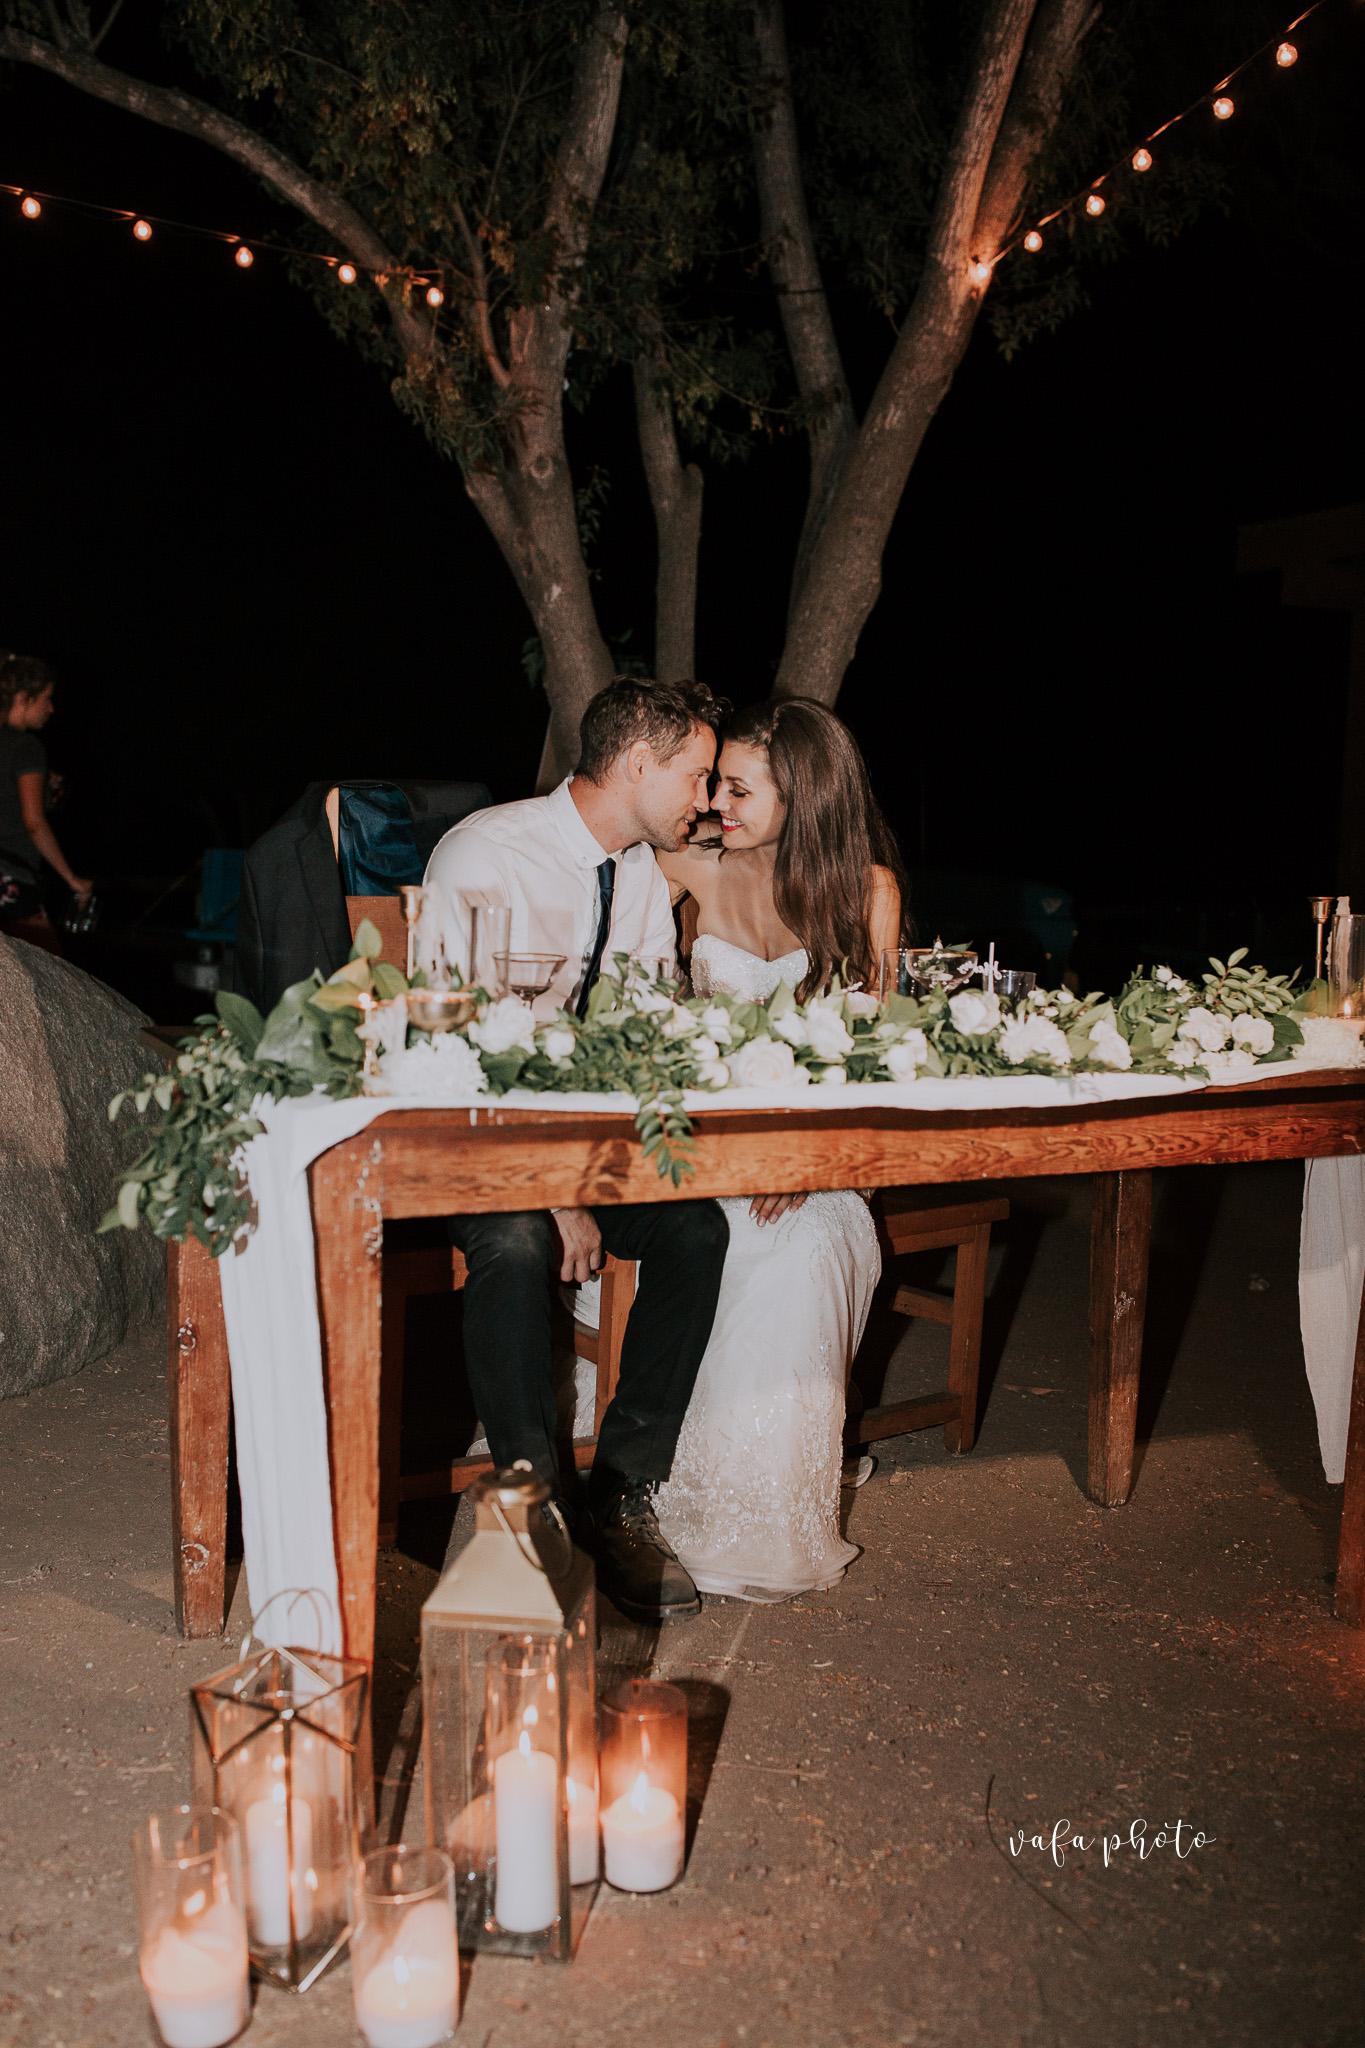 Southern-California-Wedding-Britt-Nilsson-Jeremy-Byrne-Vafa-Photo-1107.jpg